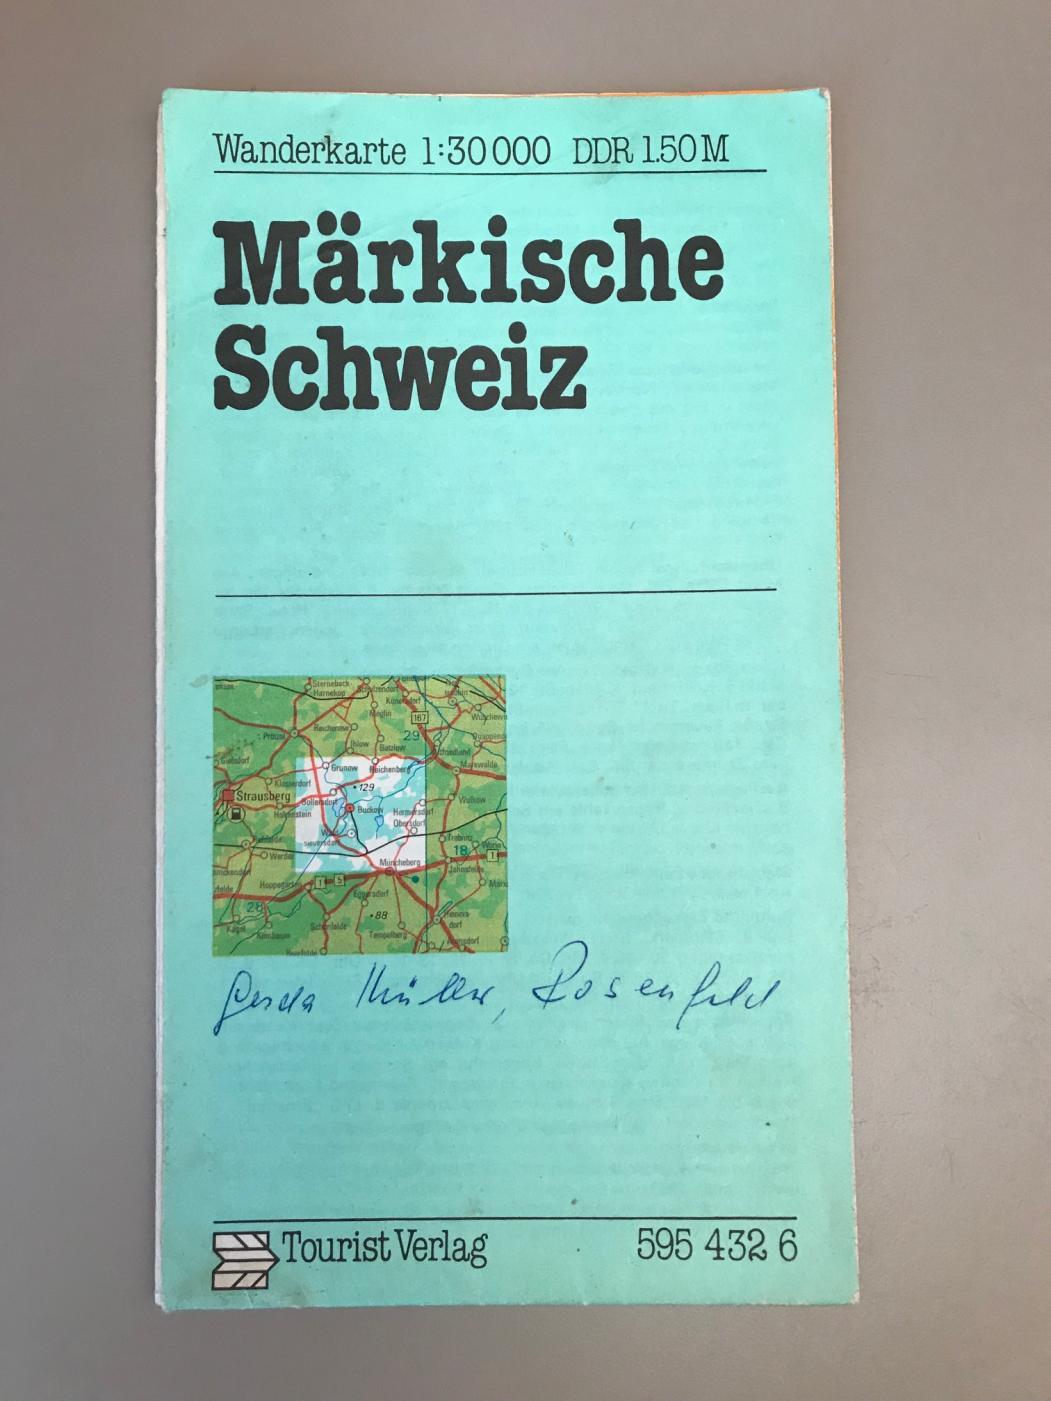 GDR-Maps_16